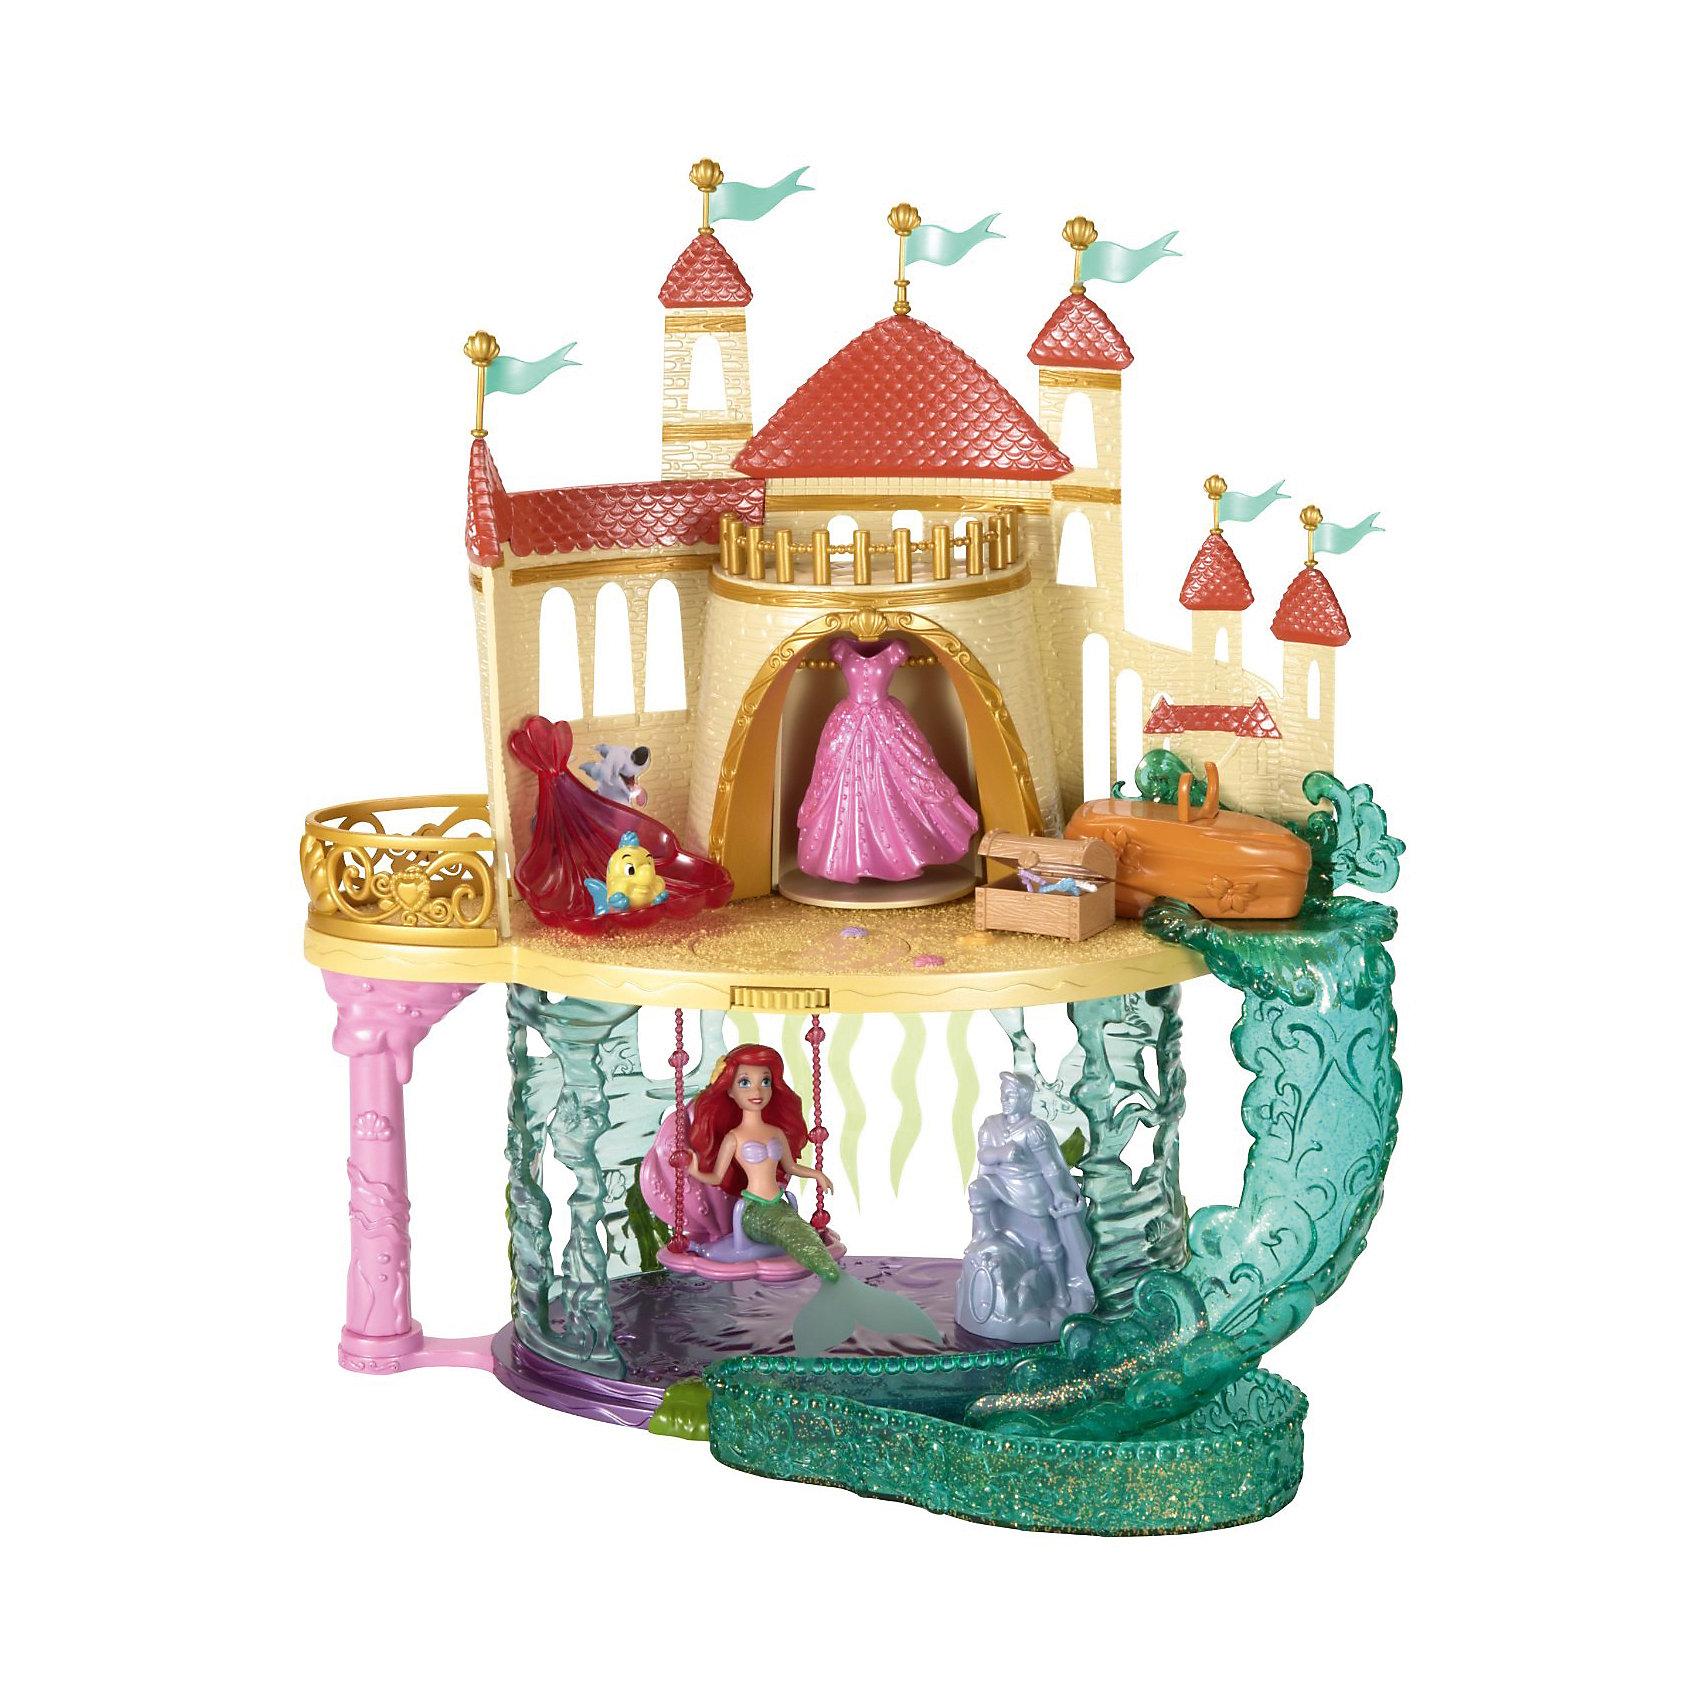 Подарочный набор Русалочка: замок, кукла Ариэль, аксессуары, Принцессы ДиснейПодарочный набор Русалочка: замок, кукла Ариэль, аксессуары, Disney Princess – это отличный подарок для вашей девочки!<br>Русалочке очень нравится ее подводный замок. В удивительном жилище Ариэль два этажа. Наверху находится комната принцессы с креслом в форме ракушки, сундуком, полным украшений, и шкафом с прекрасным королевским платьем. А еще здесь есть выход на маленький балкончик с очаровательными фиолетовыми перилами. А внизу находится секретная подводная пещера Русалочки. В эту комнату можно спуститься из спальни на водном потоке. Его имитирует горка из полупрозрачного зеленого пластика. На нижнем этаже Русалочка качается на качелях-ракушке и любуется на прекрасную скульптуру принца, а компанию ей составляет ее лучший друг – рыбка Флаундер.<br><br>Дополнительная информация:<br><br>- В наборе: замок, фигурки русалочки и Флаундера, аксессуары<br>- Материал: высококачественный пластик<br>- Размер упаковки: 330x100x440 мм.<br>- Вес: 960 гр.<br><br>Подарочный набор Русалочка: замок, кукла Ариэль, аксессуары, Disney Princess можно купить в нашем интернет-магазине.<br><br>Ширина мм: 330<br>Глубина мм: 100<br>Высота мм: 440<br>Вес г: 960<br>Возраст от месяцев: 36<br>Возраст до месяцев: 108<br>Пол: Женский<br>Возраст: Детский<br>SKU: 4060356